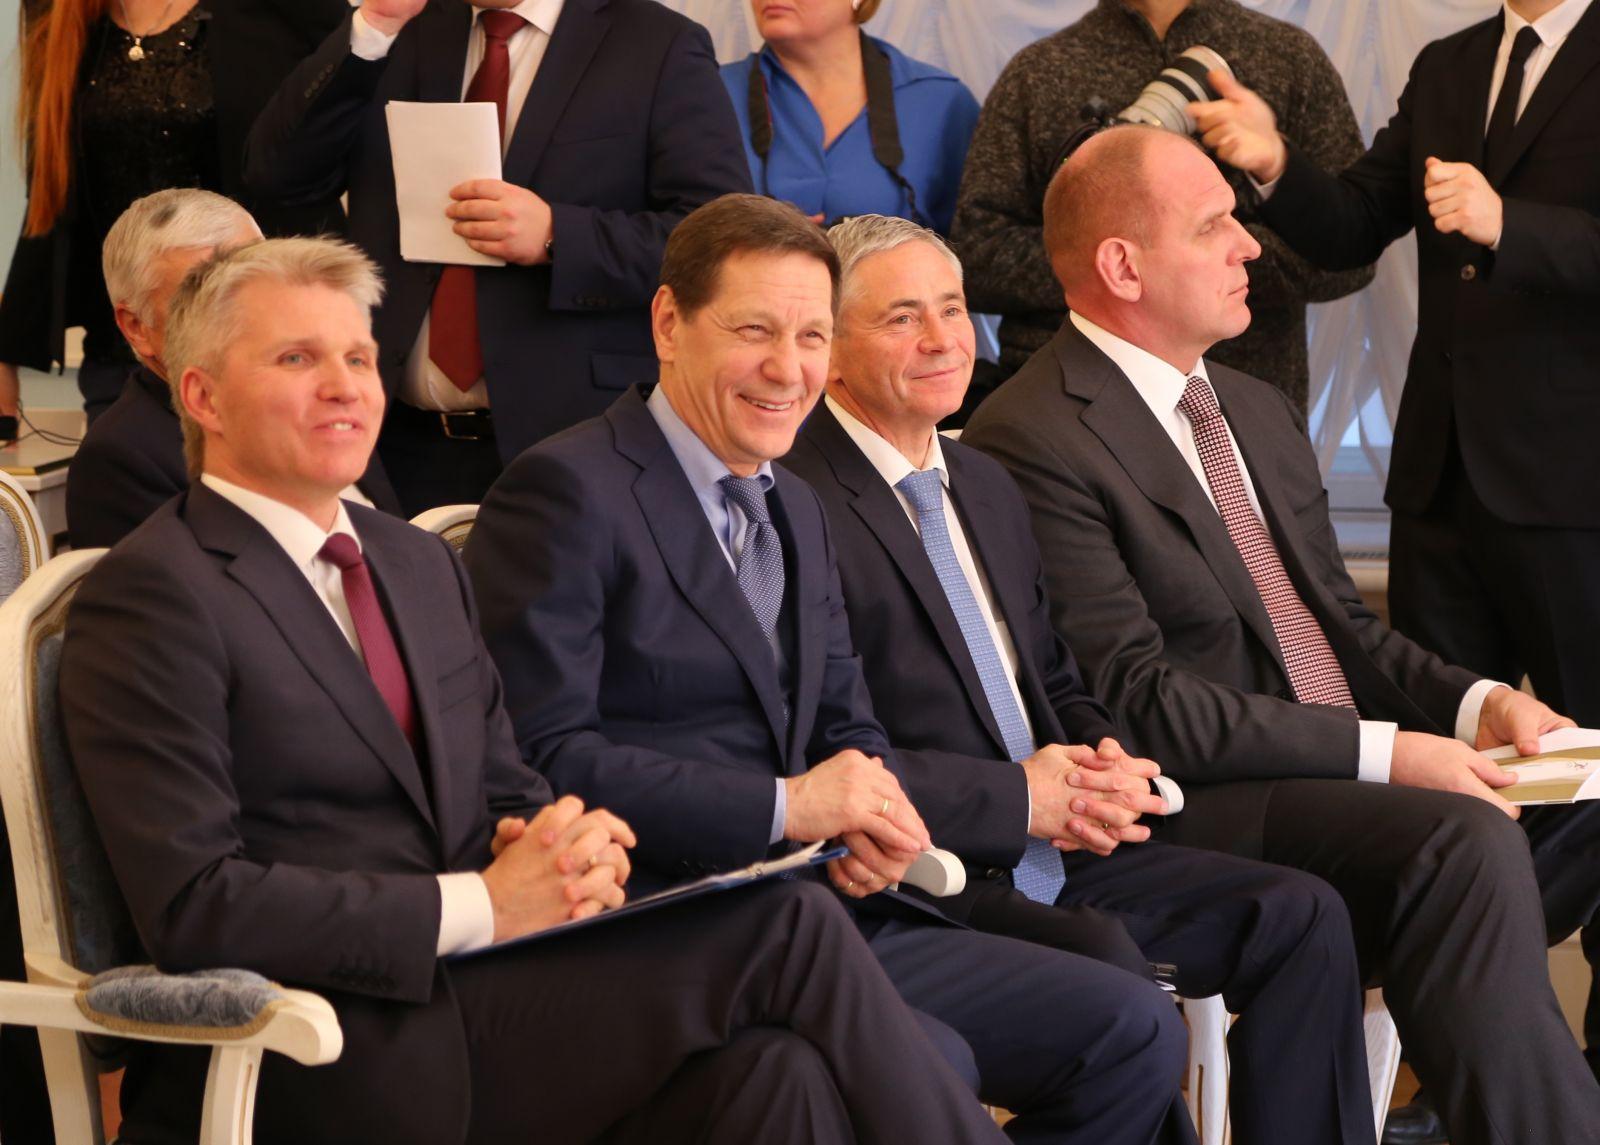 П.А. Рожков в Минспорте России принял участие в торжественной церемонии награждения лауреатов национальных номинаций в области физической культуры и спорта за 2017 год